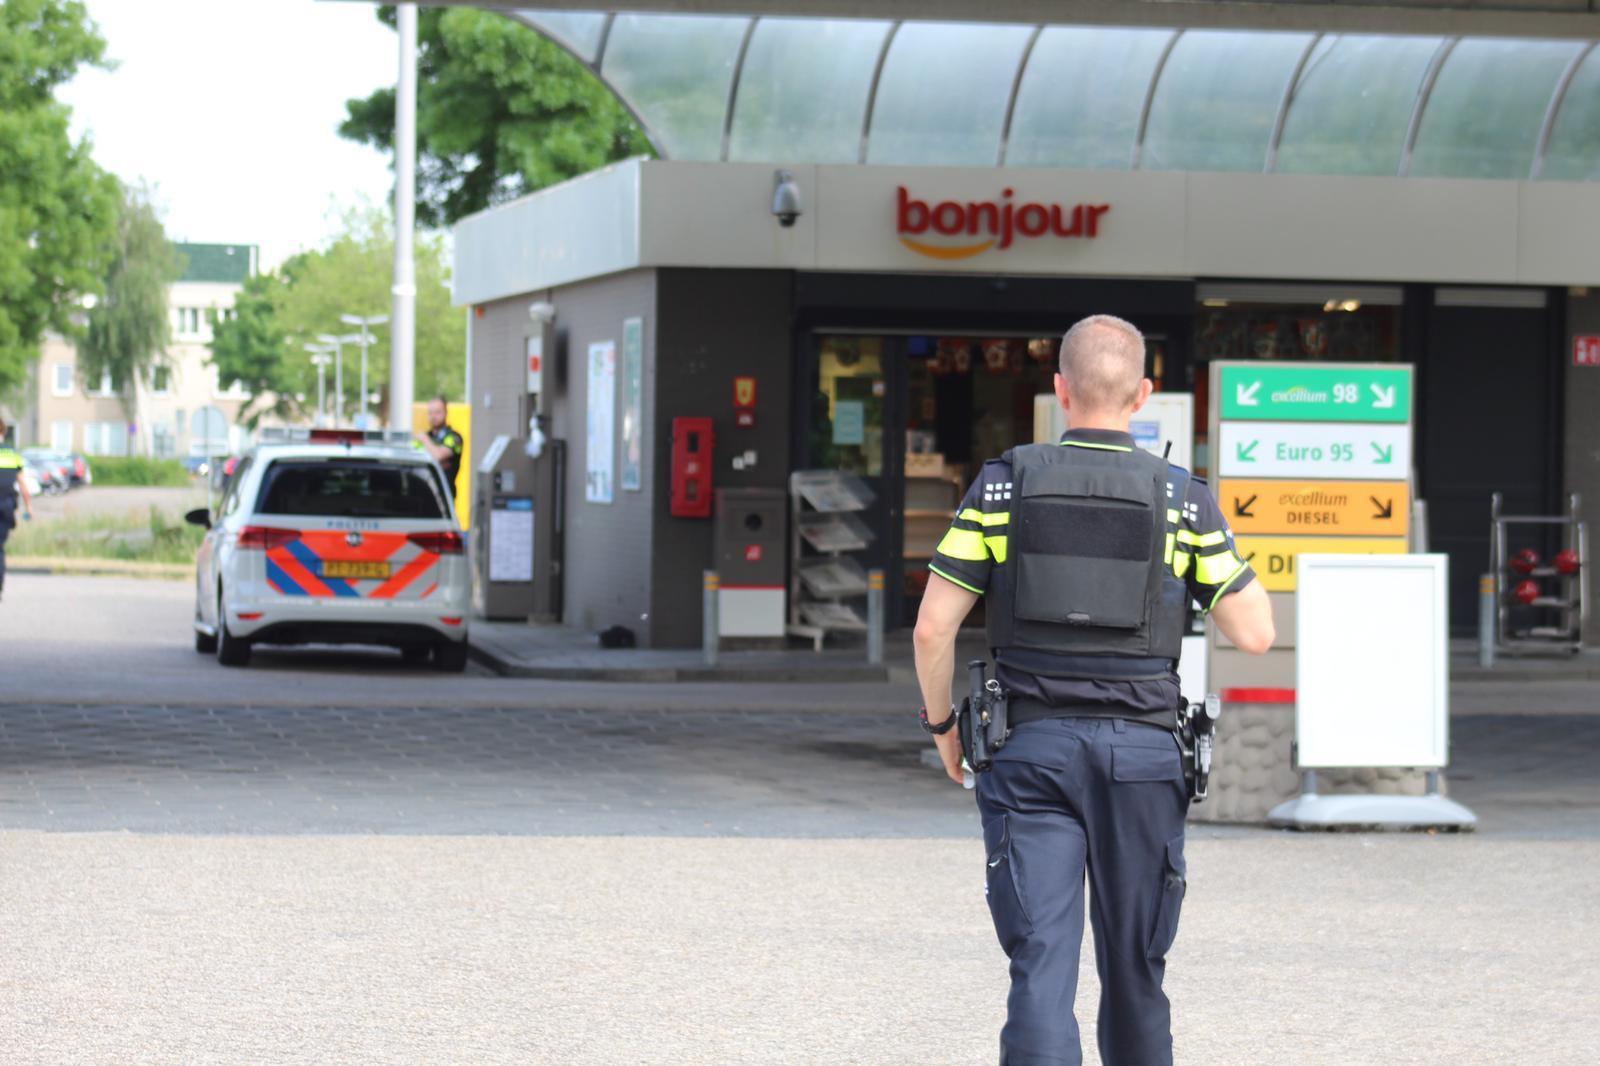 Overval bij tankstation in Weesp. Daders na korte achtervolging aangehouden